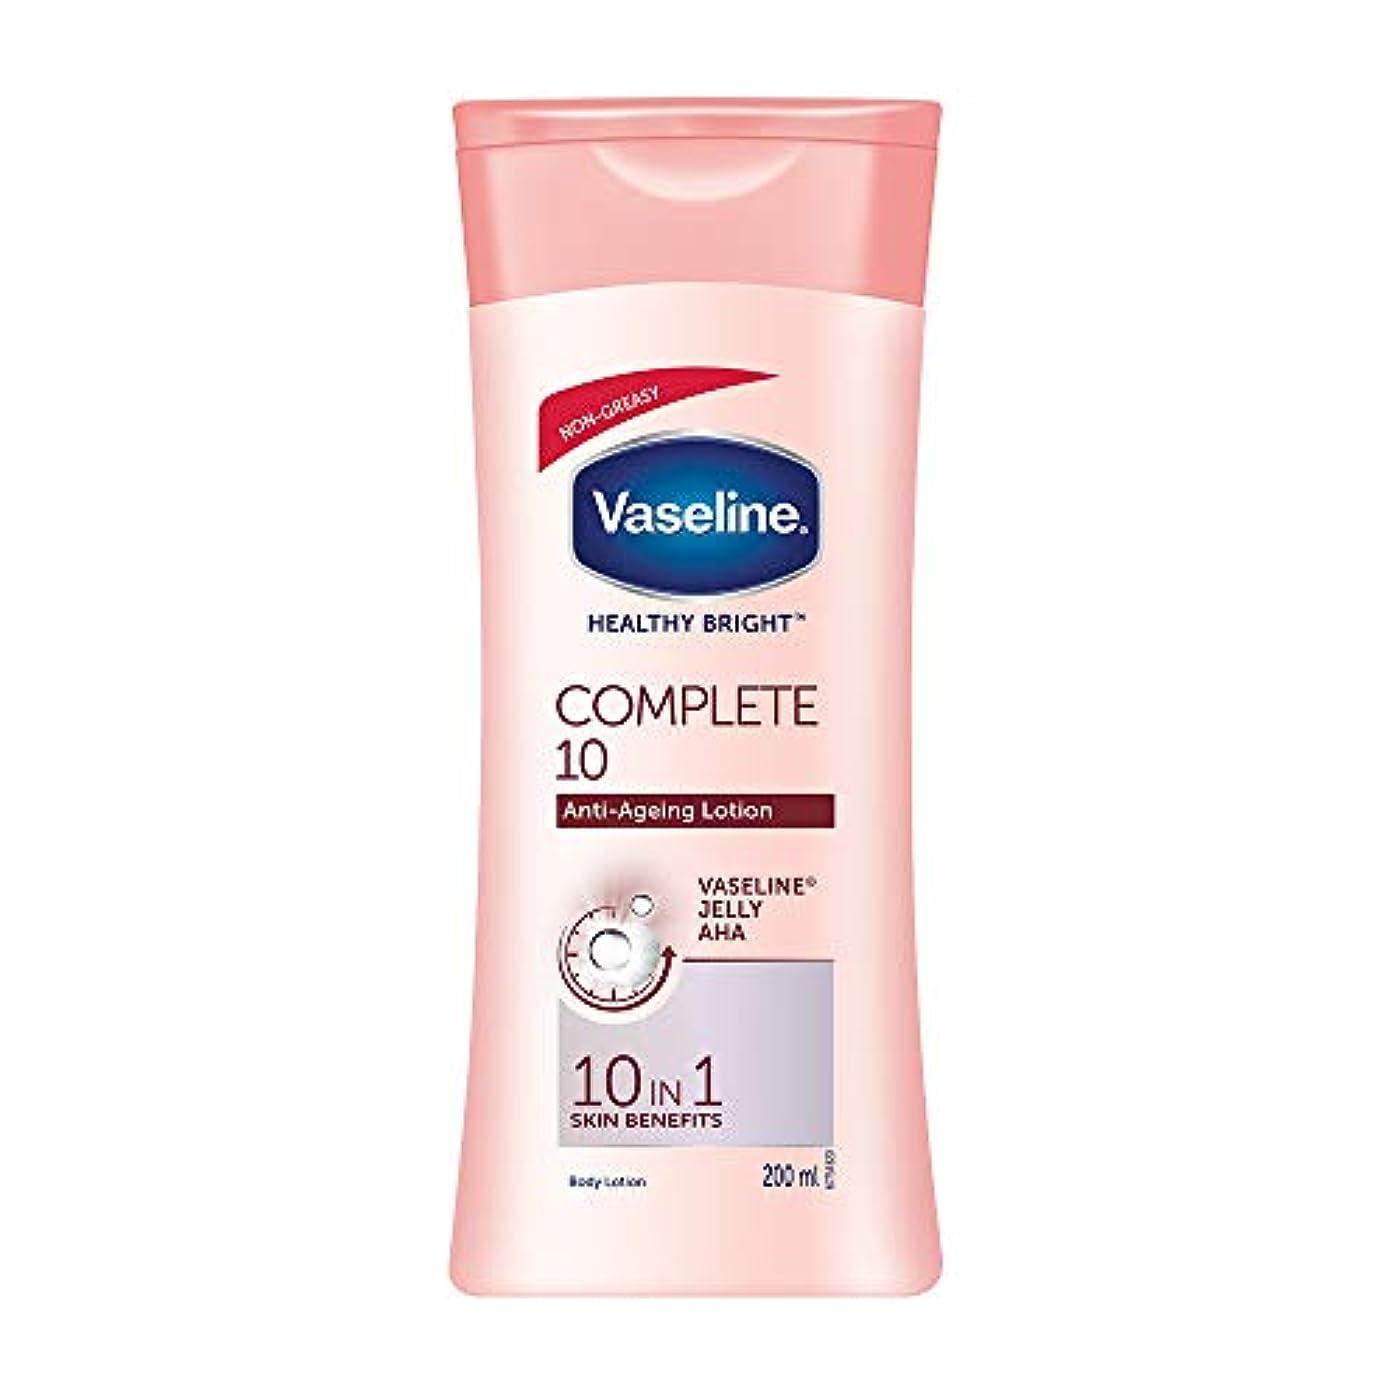 ベジタリアンレンドふつうVaseline Healthy White Complete 10 AHA and Pro Retinol, 200ml